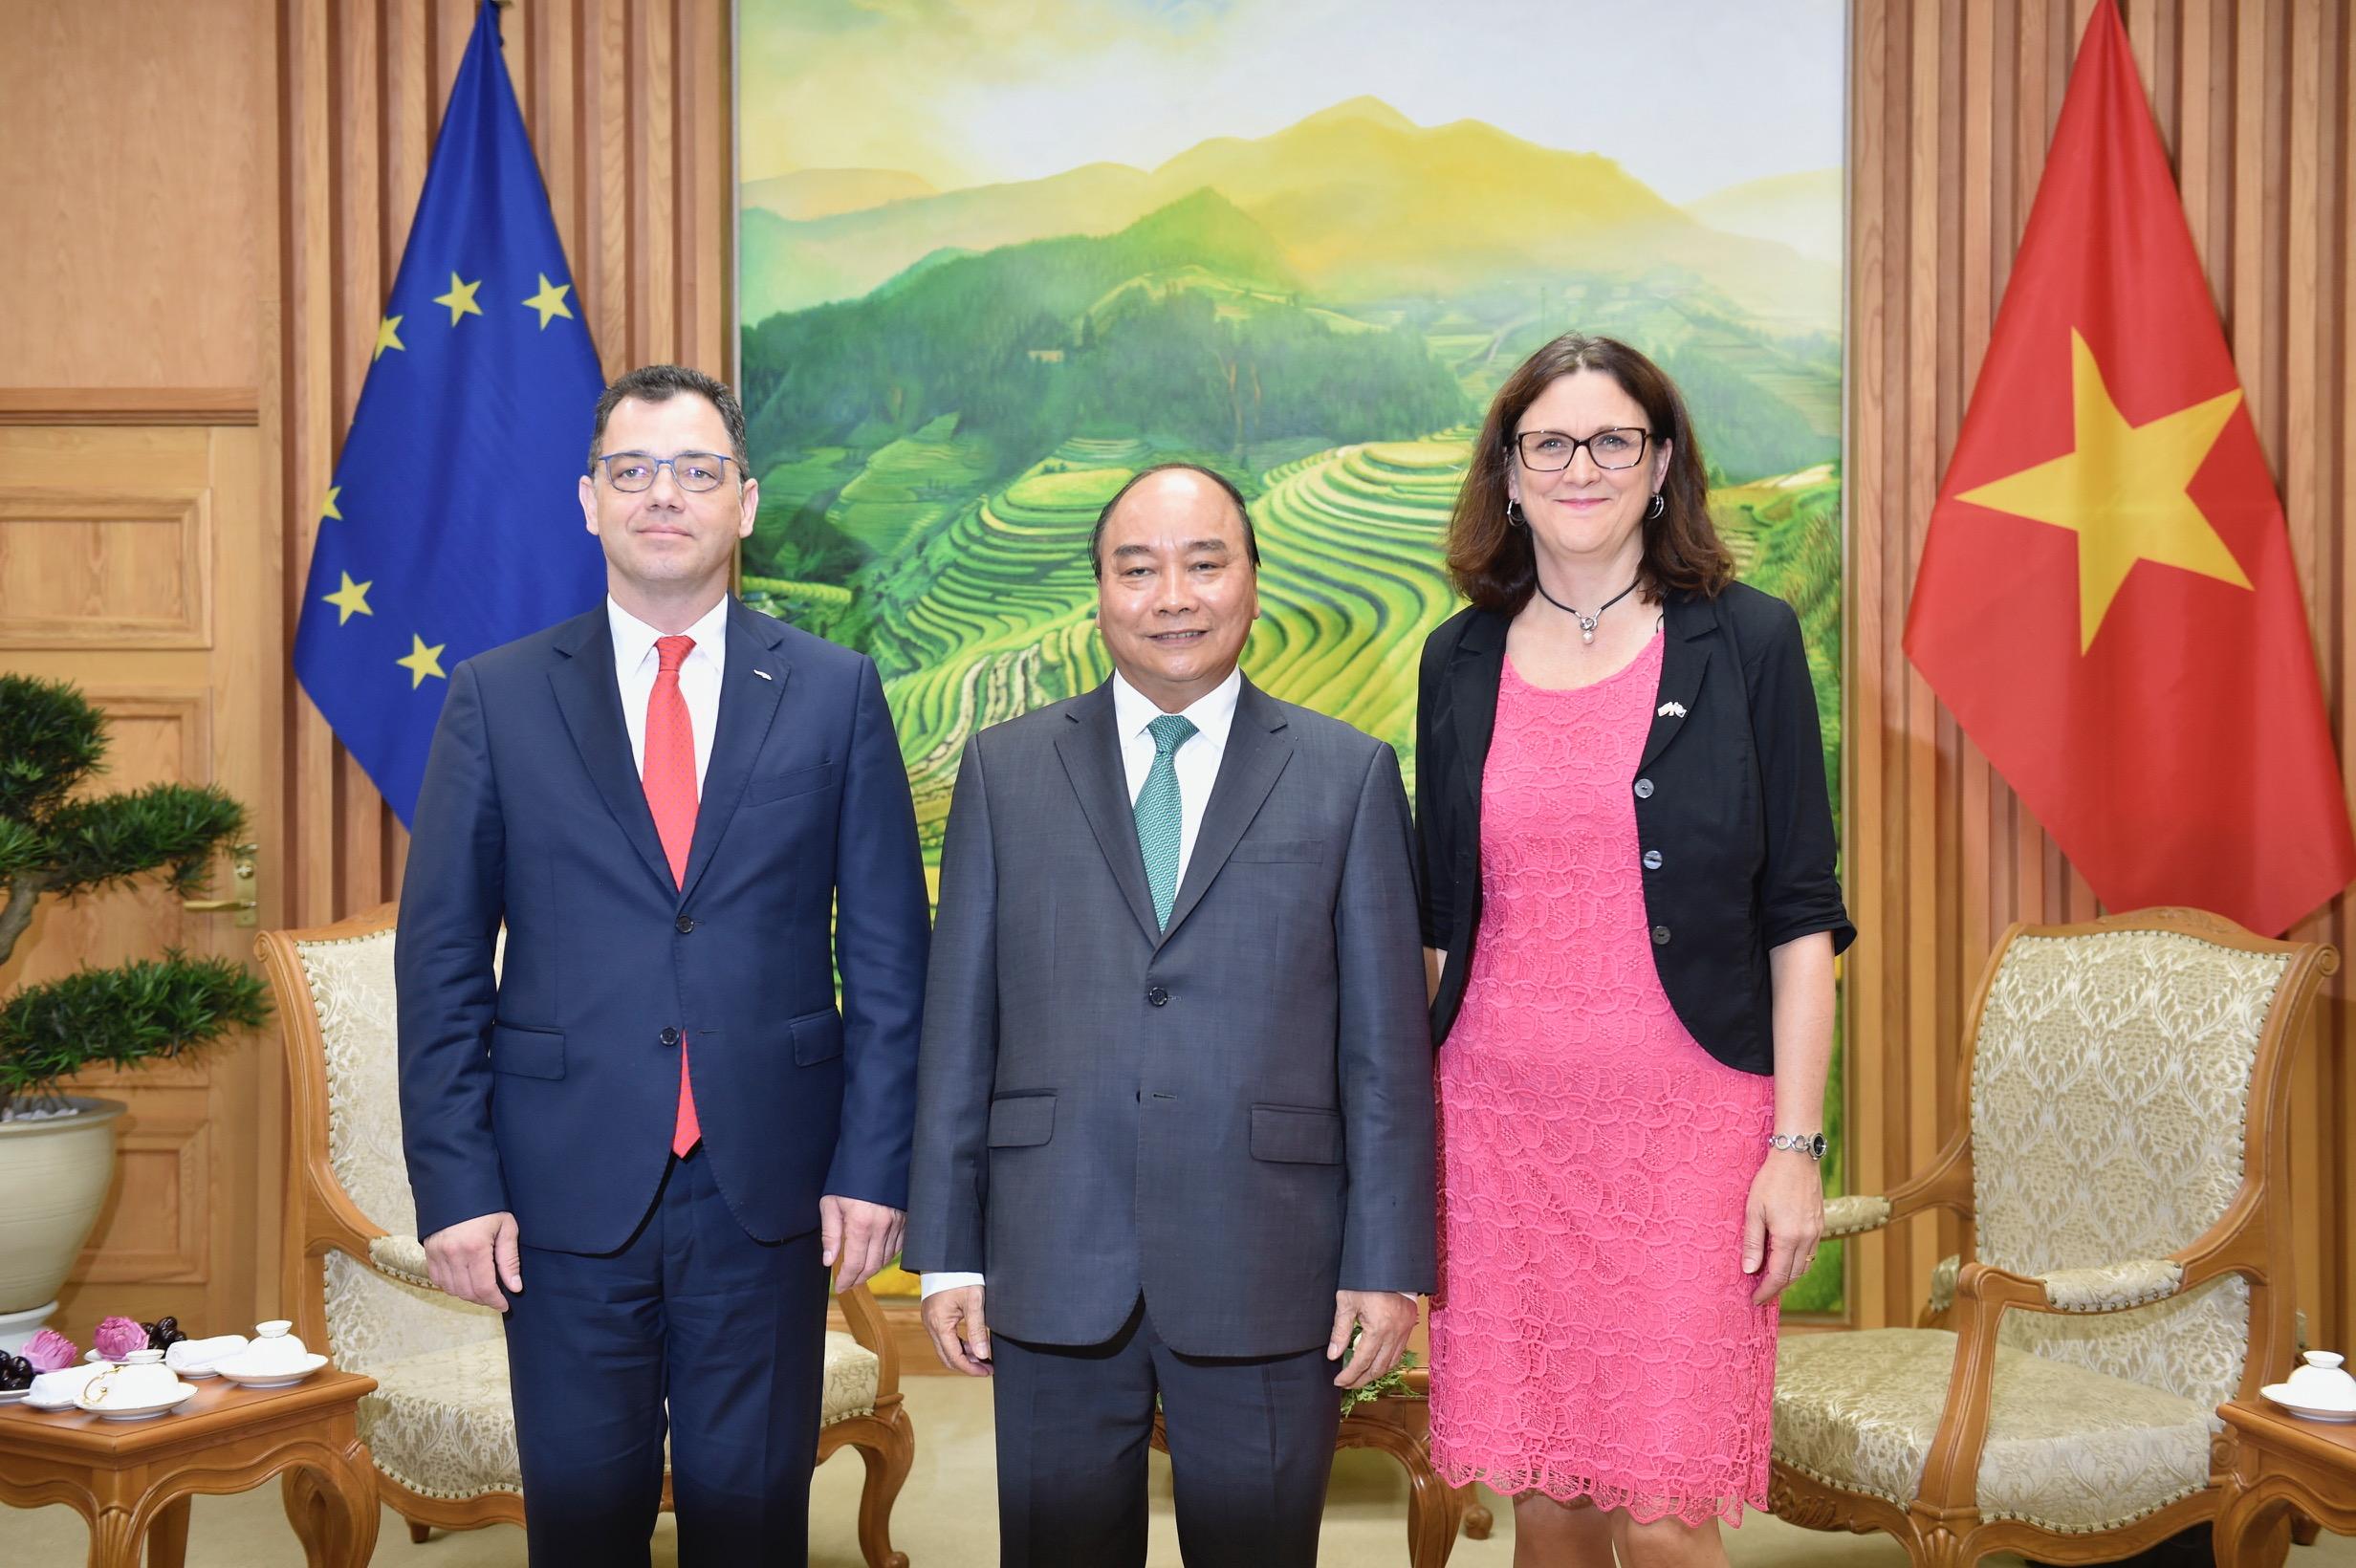 Hiệp định EVFTA và Hiệp định IPA giữa Việt Nam và Liên minh Châu Âu đã được ký kết - Ảnh 5